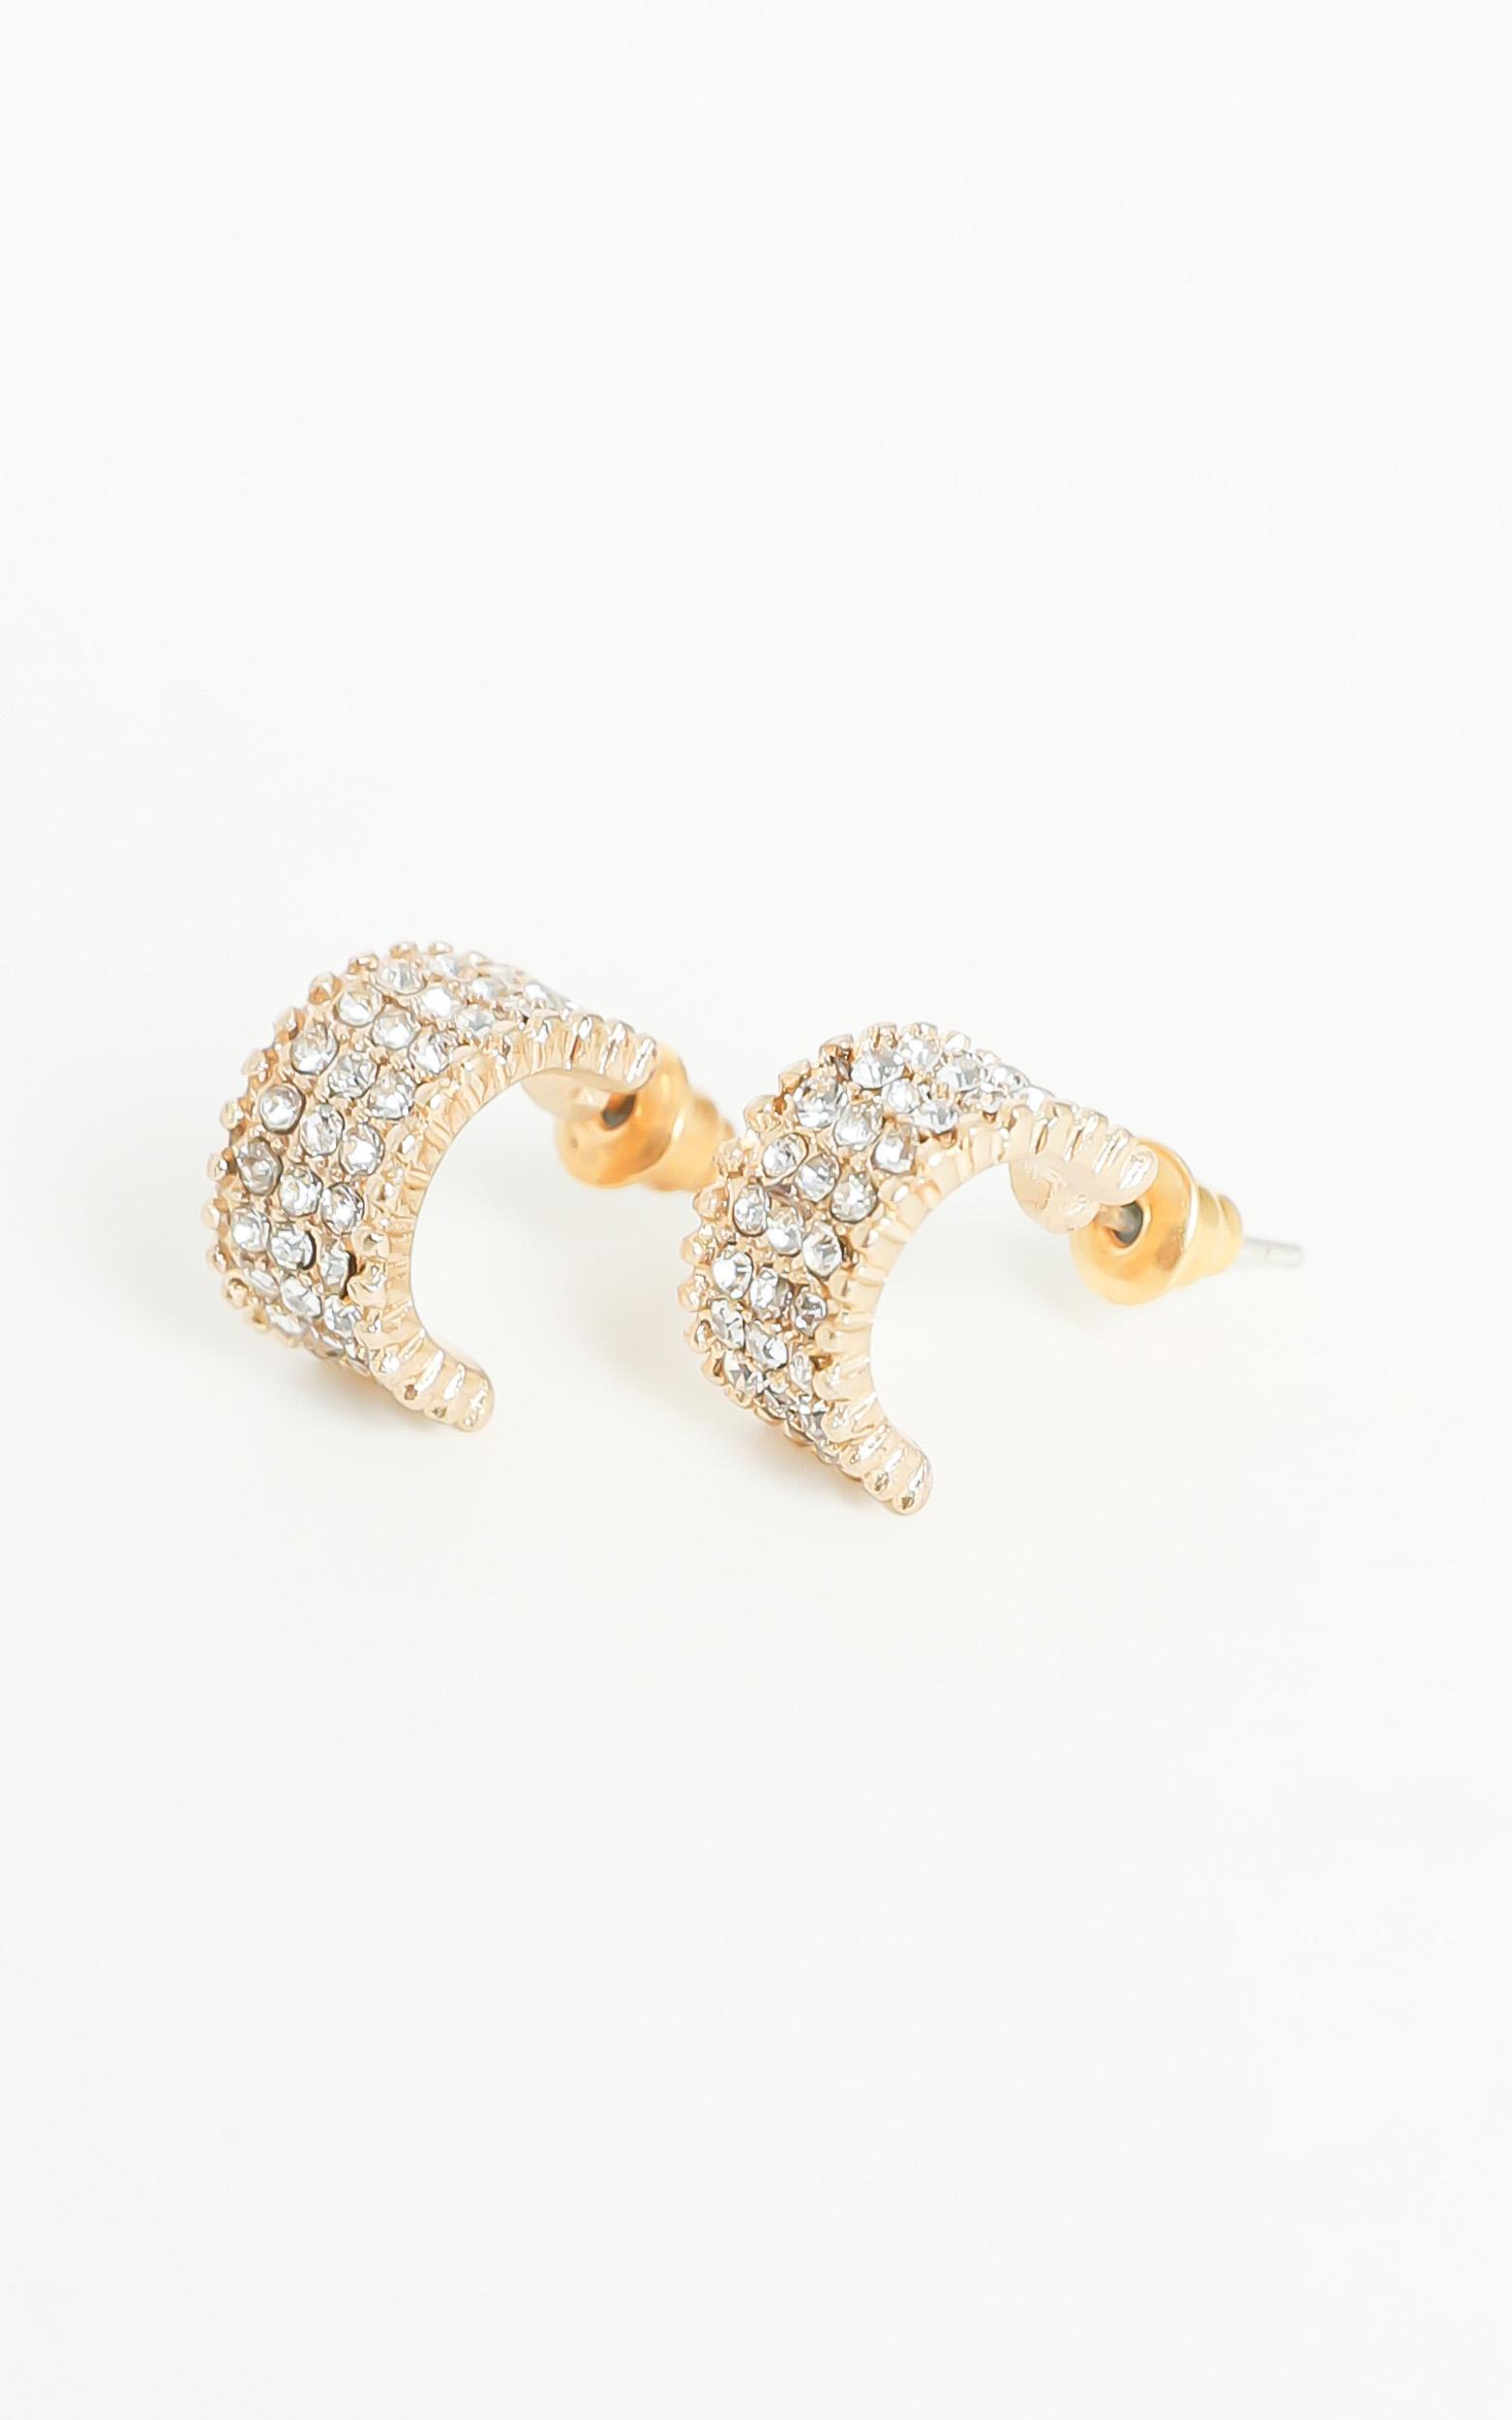 Kleo Hoop Gemstone Earrings in Gold, , hi-res image number null